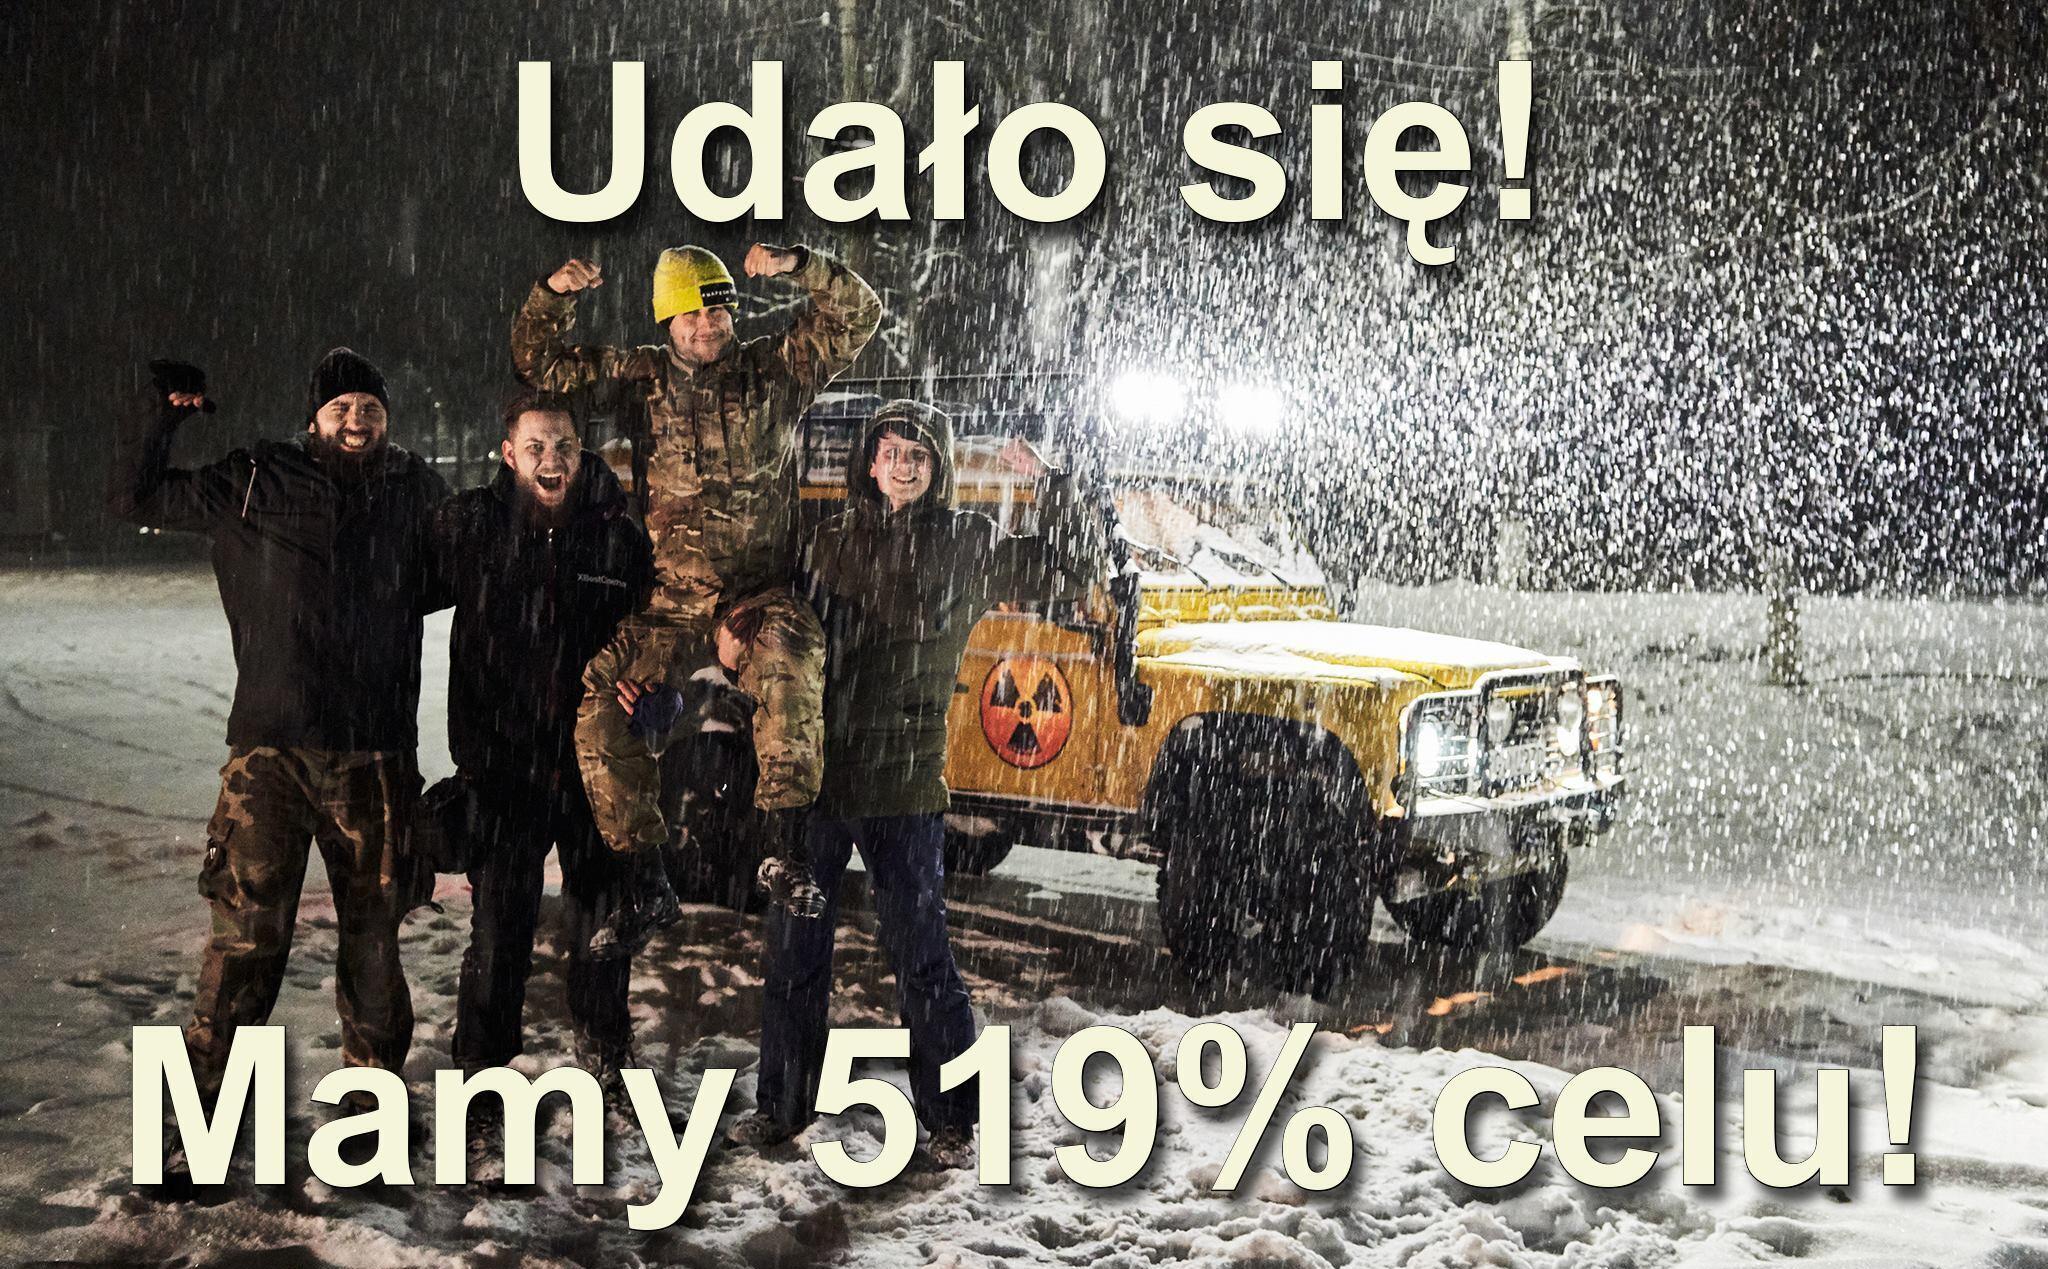 wyprawa do czarnobyla ostrów - napromieniowani.pl